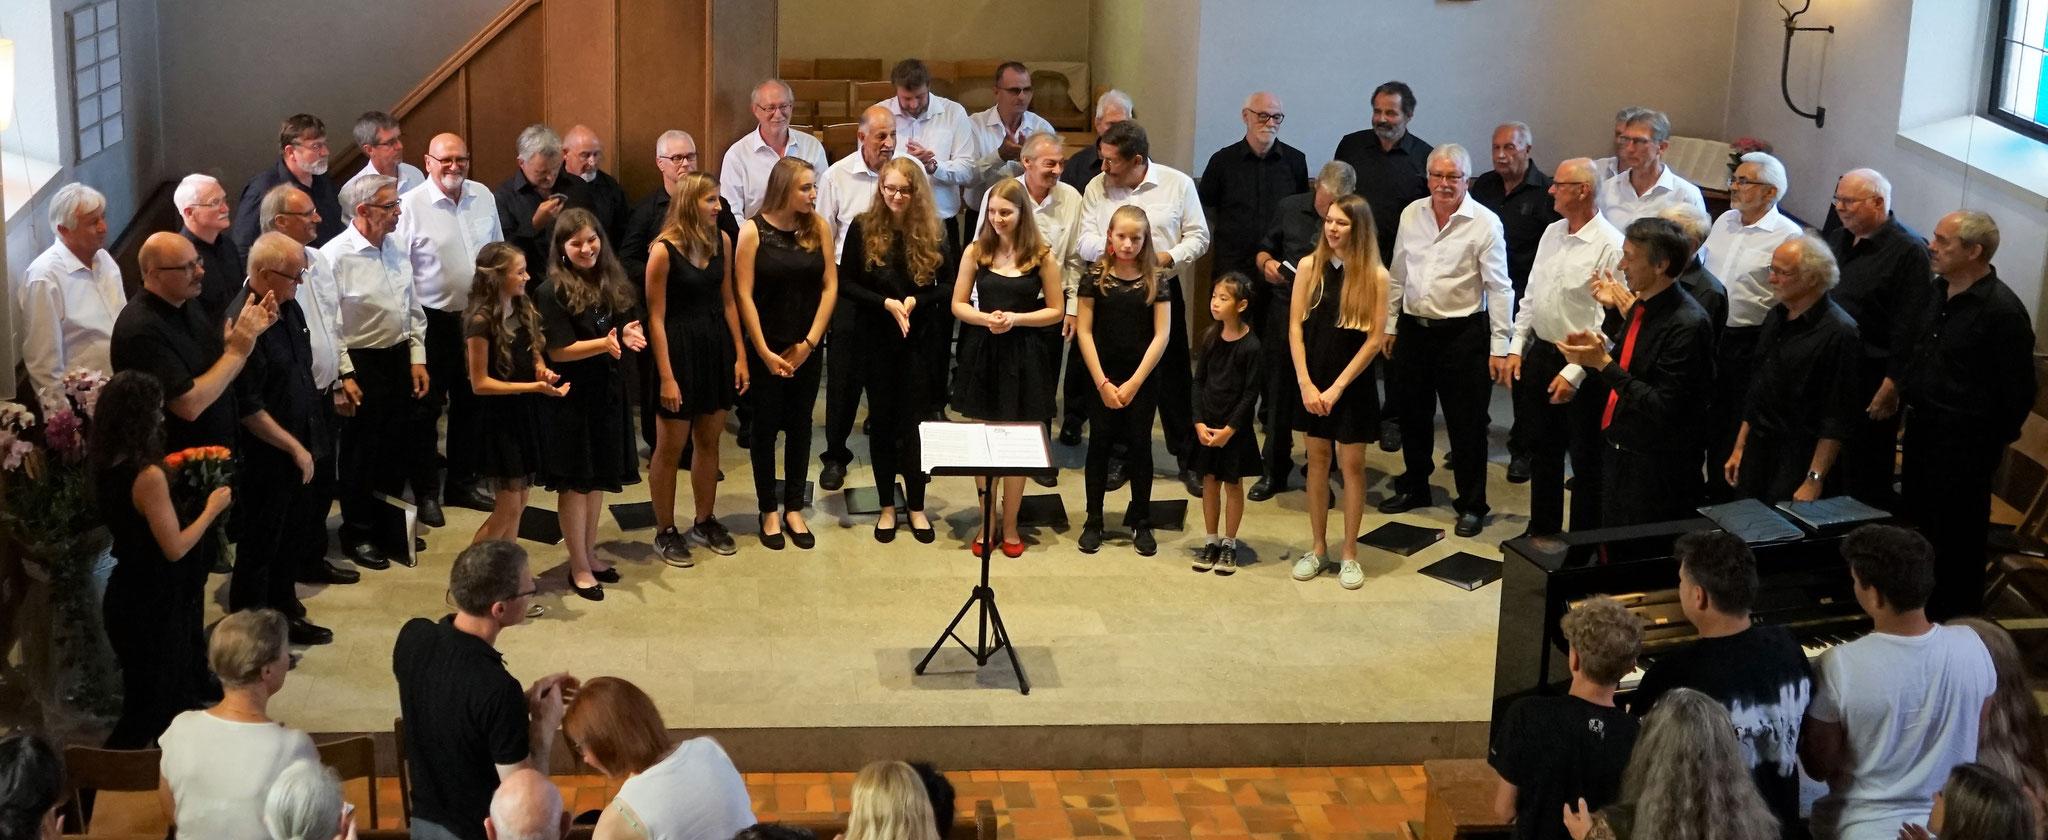 Begeisterter Applaus am Schluss des Konzerts::Foto: Rolf Wildi